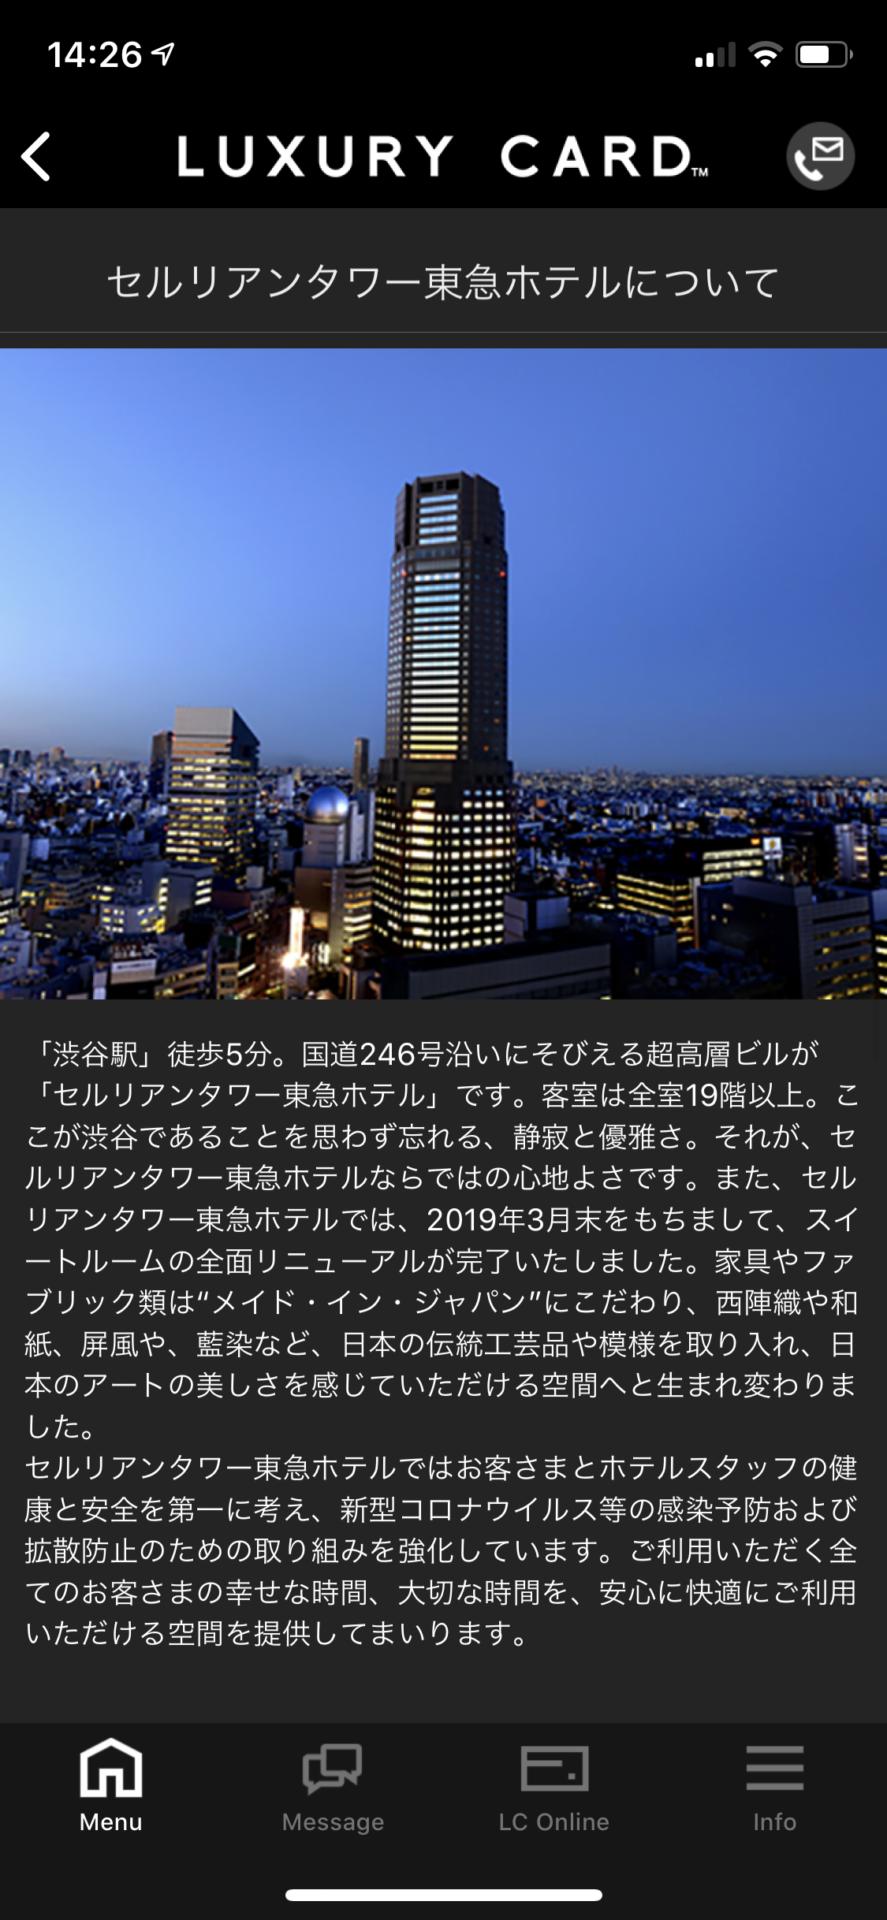 ラグジュアリーカードのセルリアンタワー東急ホテル宿泊プラン (8)